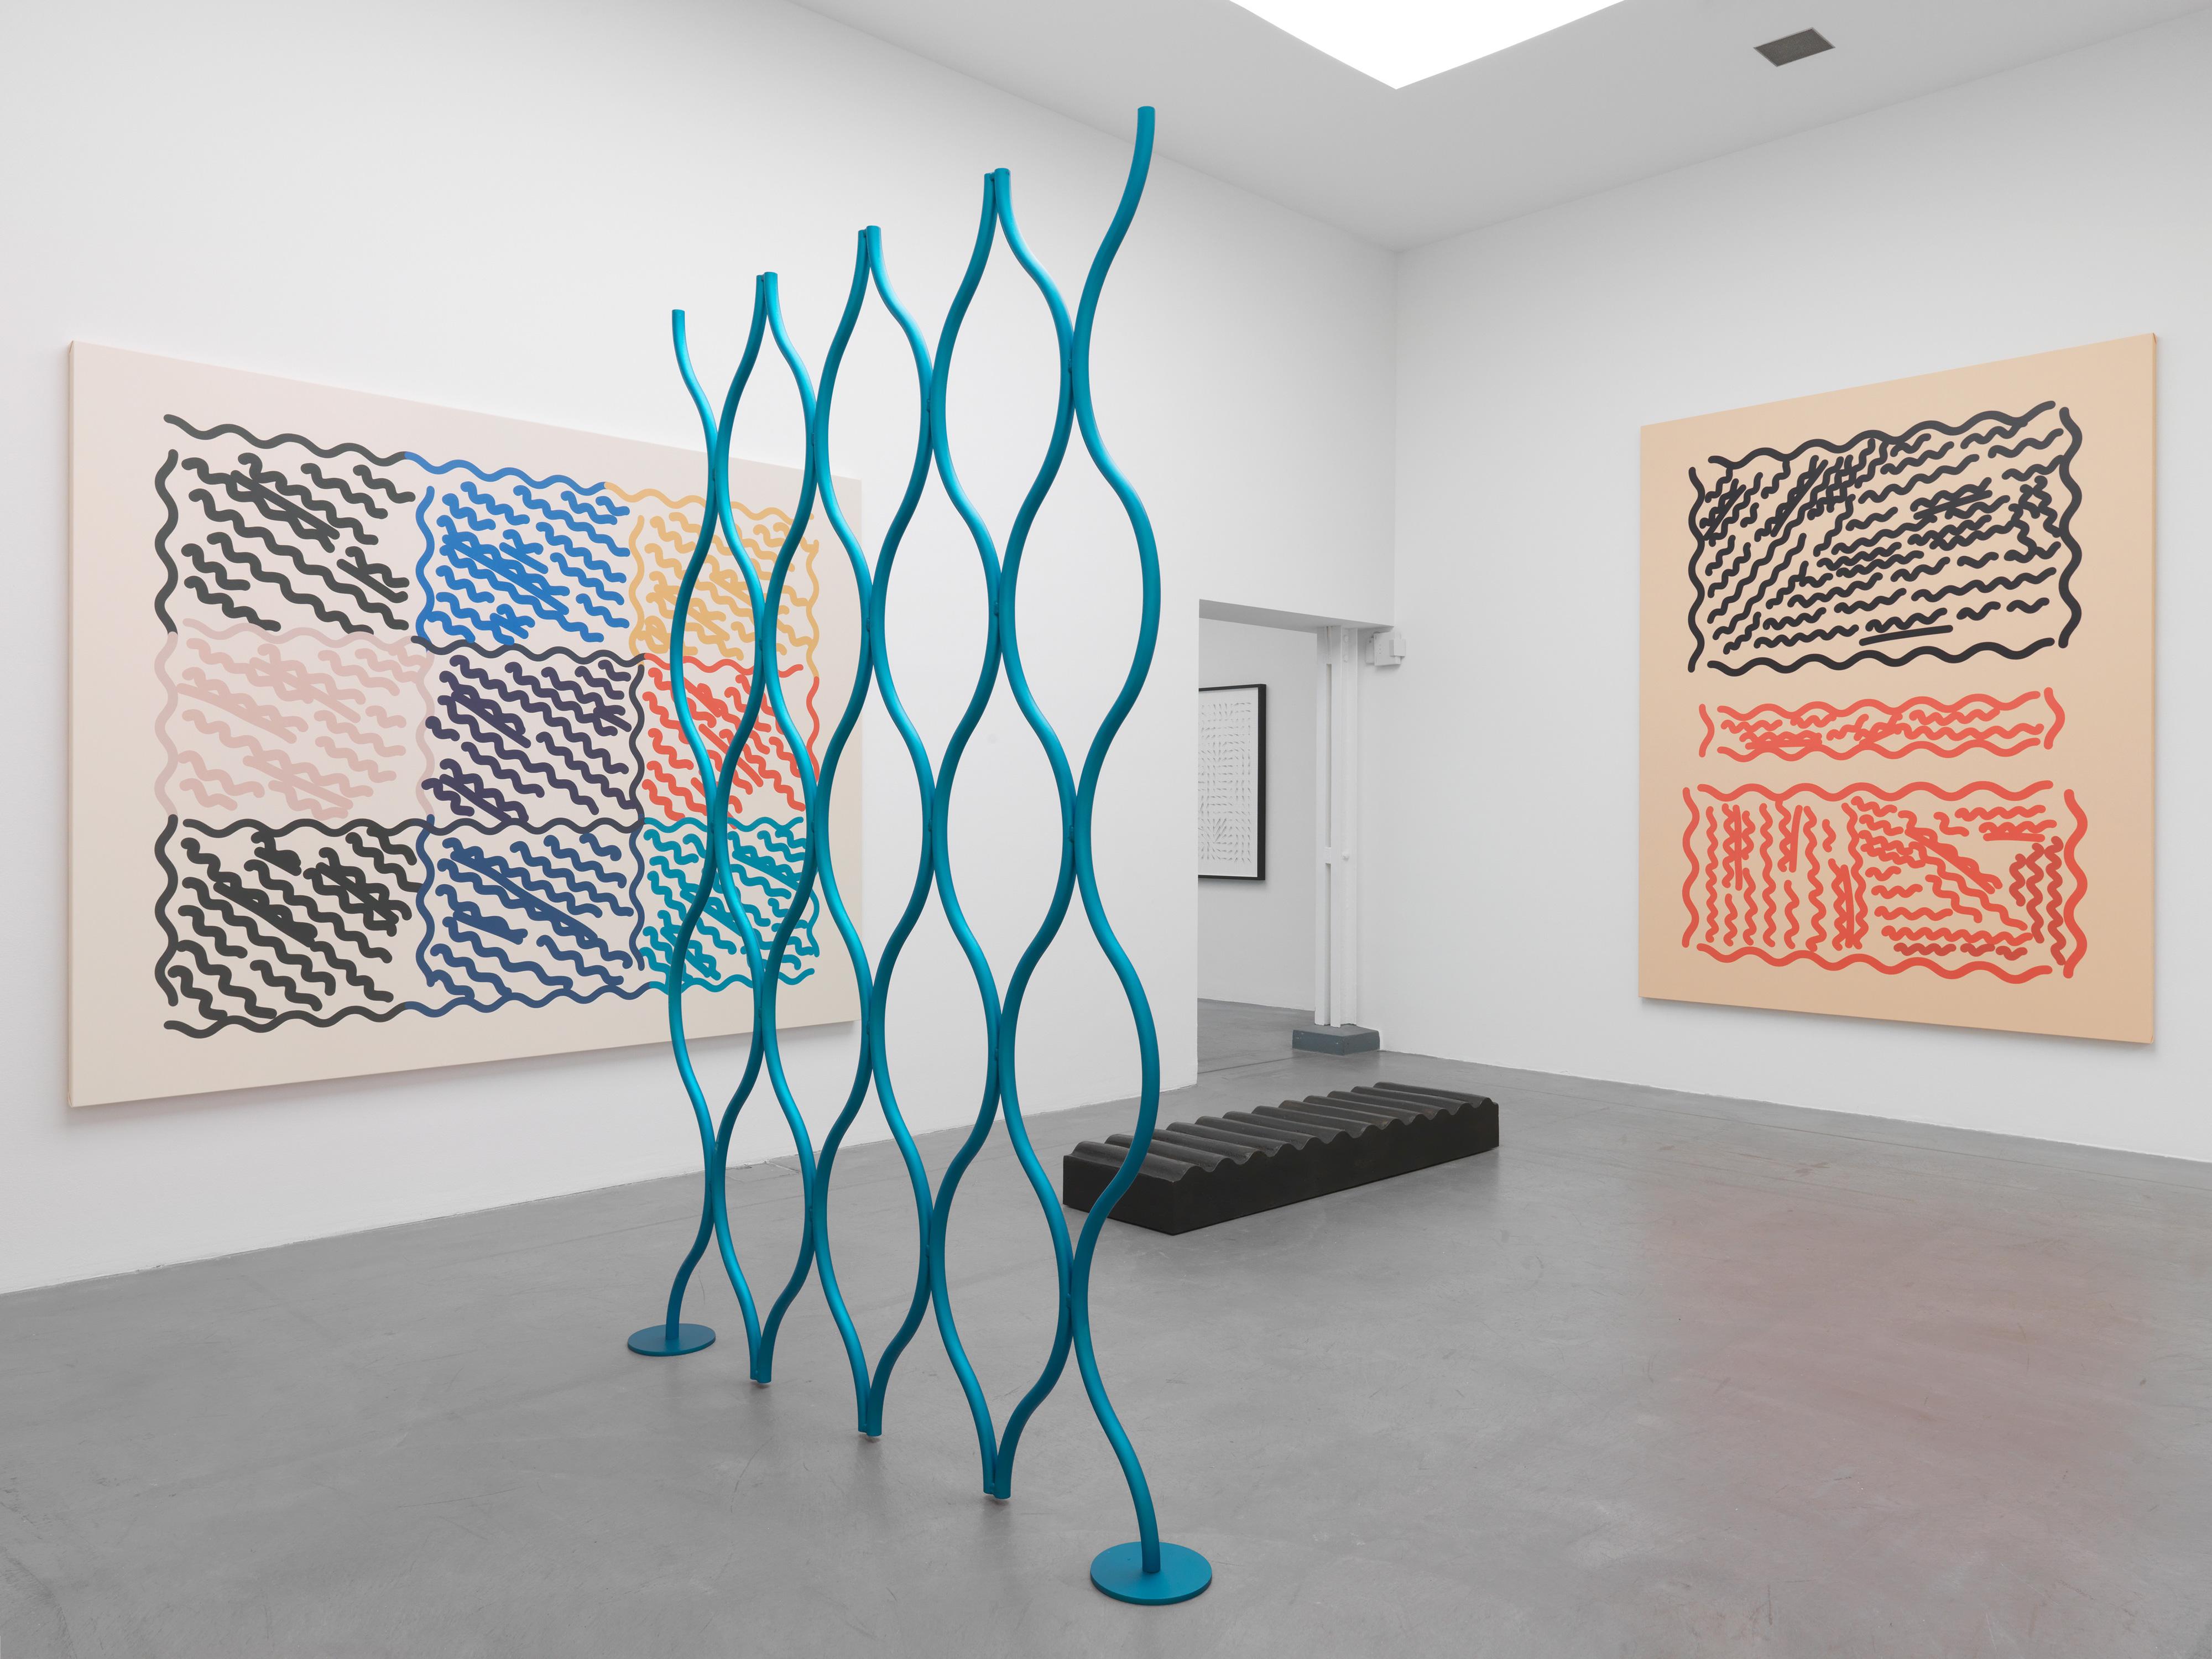 Galerie Barbara Thumm \ Diango Hernández – Konkrete Gegenwart – Jetzt ist immer auch ein bisschen gestern und morgen